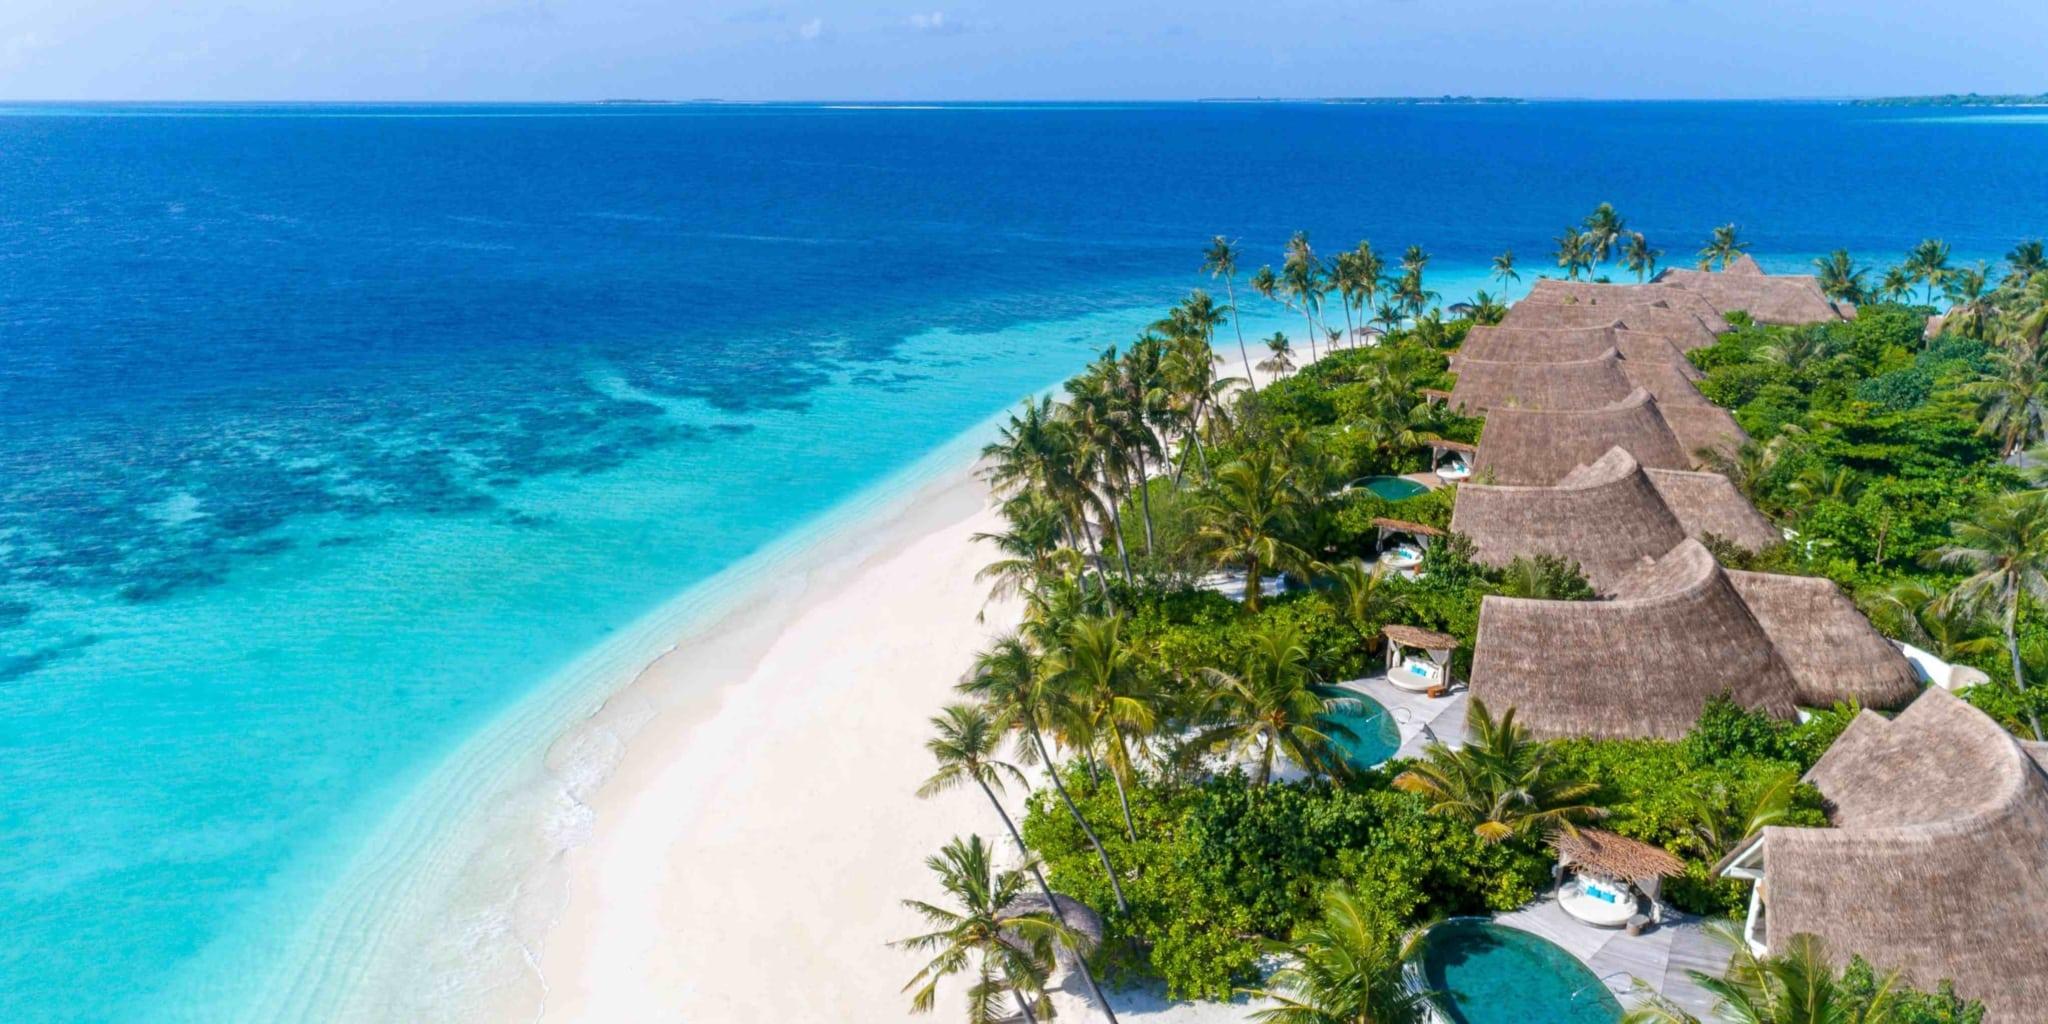 Курорт пишається домашнім рифом, який оточує острів і перебуває під охороною ЮНЕСКО.